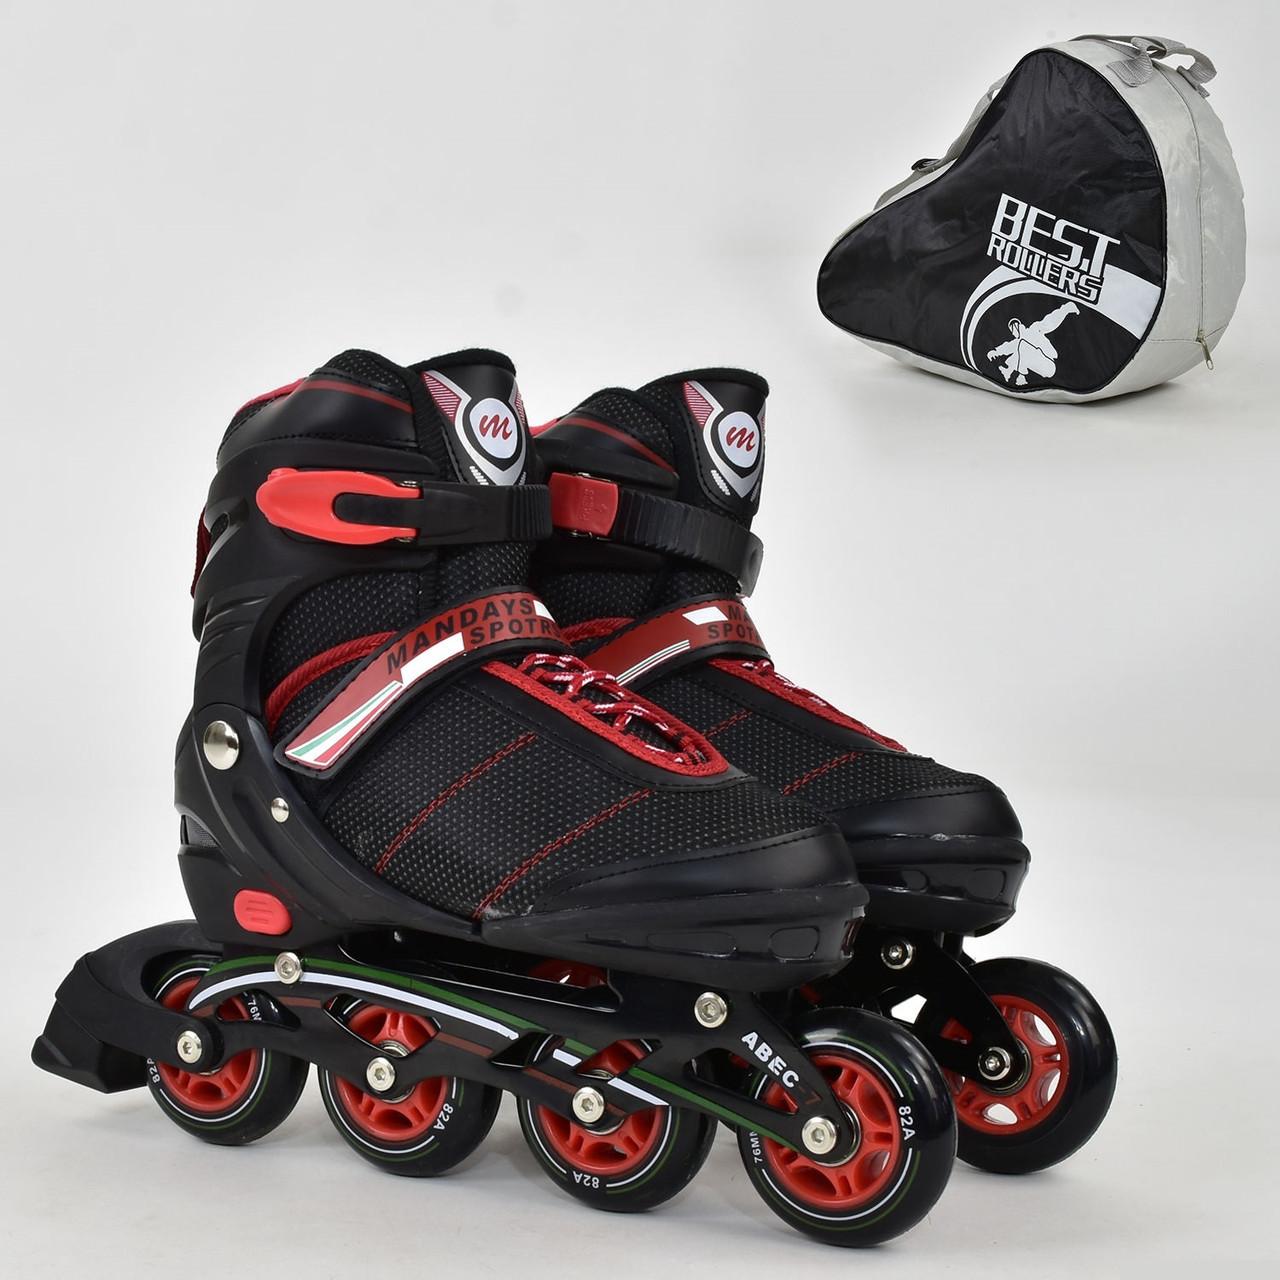 """Ролики 8903 """"L"""" Best Roller черные (размер 39-42), колёса PU, без света, в сумке, d=7.6 см"""